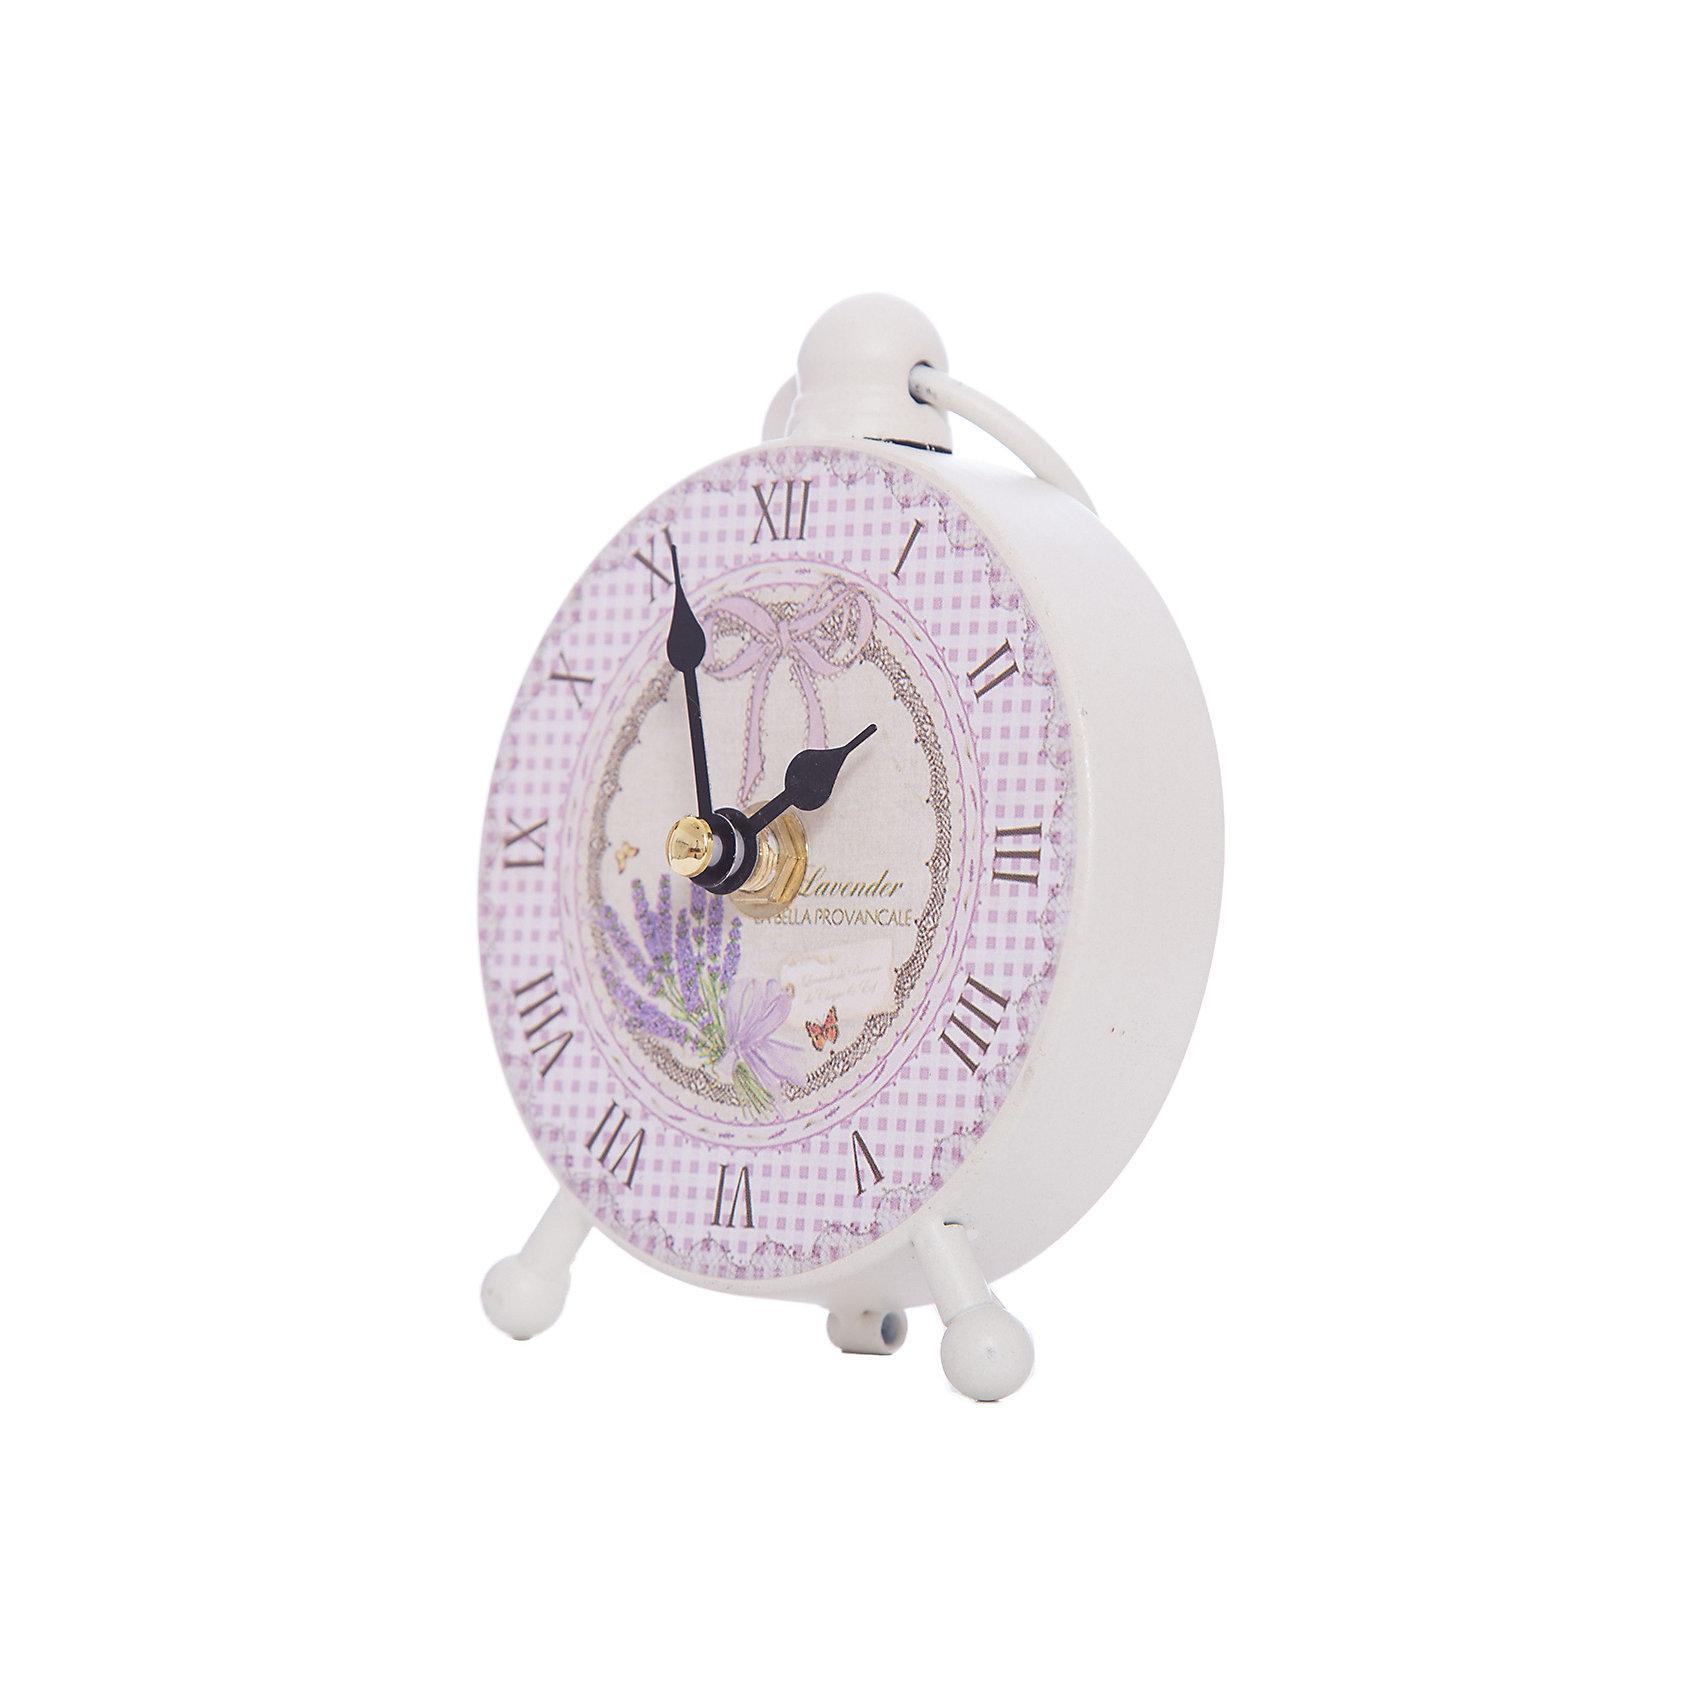 Часы Розовый бантик настольные кварцевые, Феникс-ПрезентПредметы интерьера<br>Часы Розовый бантик настольные кварцевые, Феникс-Презент<br><br>Характеристики:<br><br>• оригинальный дизайн <br>• тип часов: кварцевые<br>• размер: 10,5х16 см<br>• материал: металл<br>• батарейки: АА - 1 шт. (не входит в комплект)<br><br>Кварцевые часы Розовый бантик всегда будут радовать вас своей красотой и оригинальностью. Корпус часов изготовлен из прочного черного металла и оформлен красивым рисунком. Часы имеют две стрелки - минутную и часовую.<br><br>Часы Розовый бантик настольные кварцевые, Феникс-Презент можно купить в нашем интернет-магазине.<br><br>Ширина мм: 110<br>Глубина мм: 116<br>Высота мм: 110<br>Вес г: 177<br>Возраст от месяцев: 120<br>Возраст до месяцев: 2147483647<br>Пол: Унисекс<br>Возраст: Детский<br>SKU: 5449713